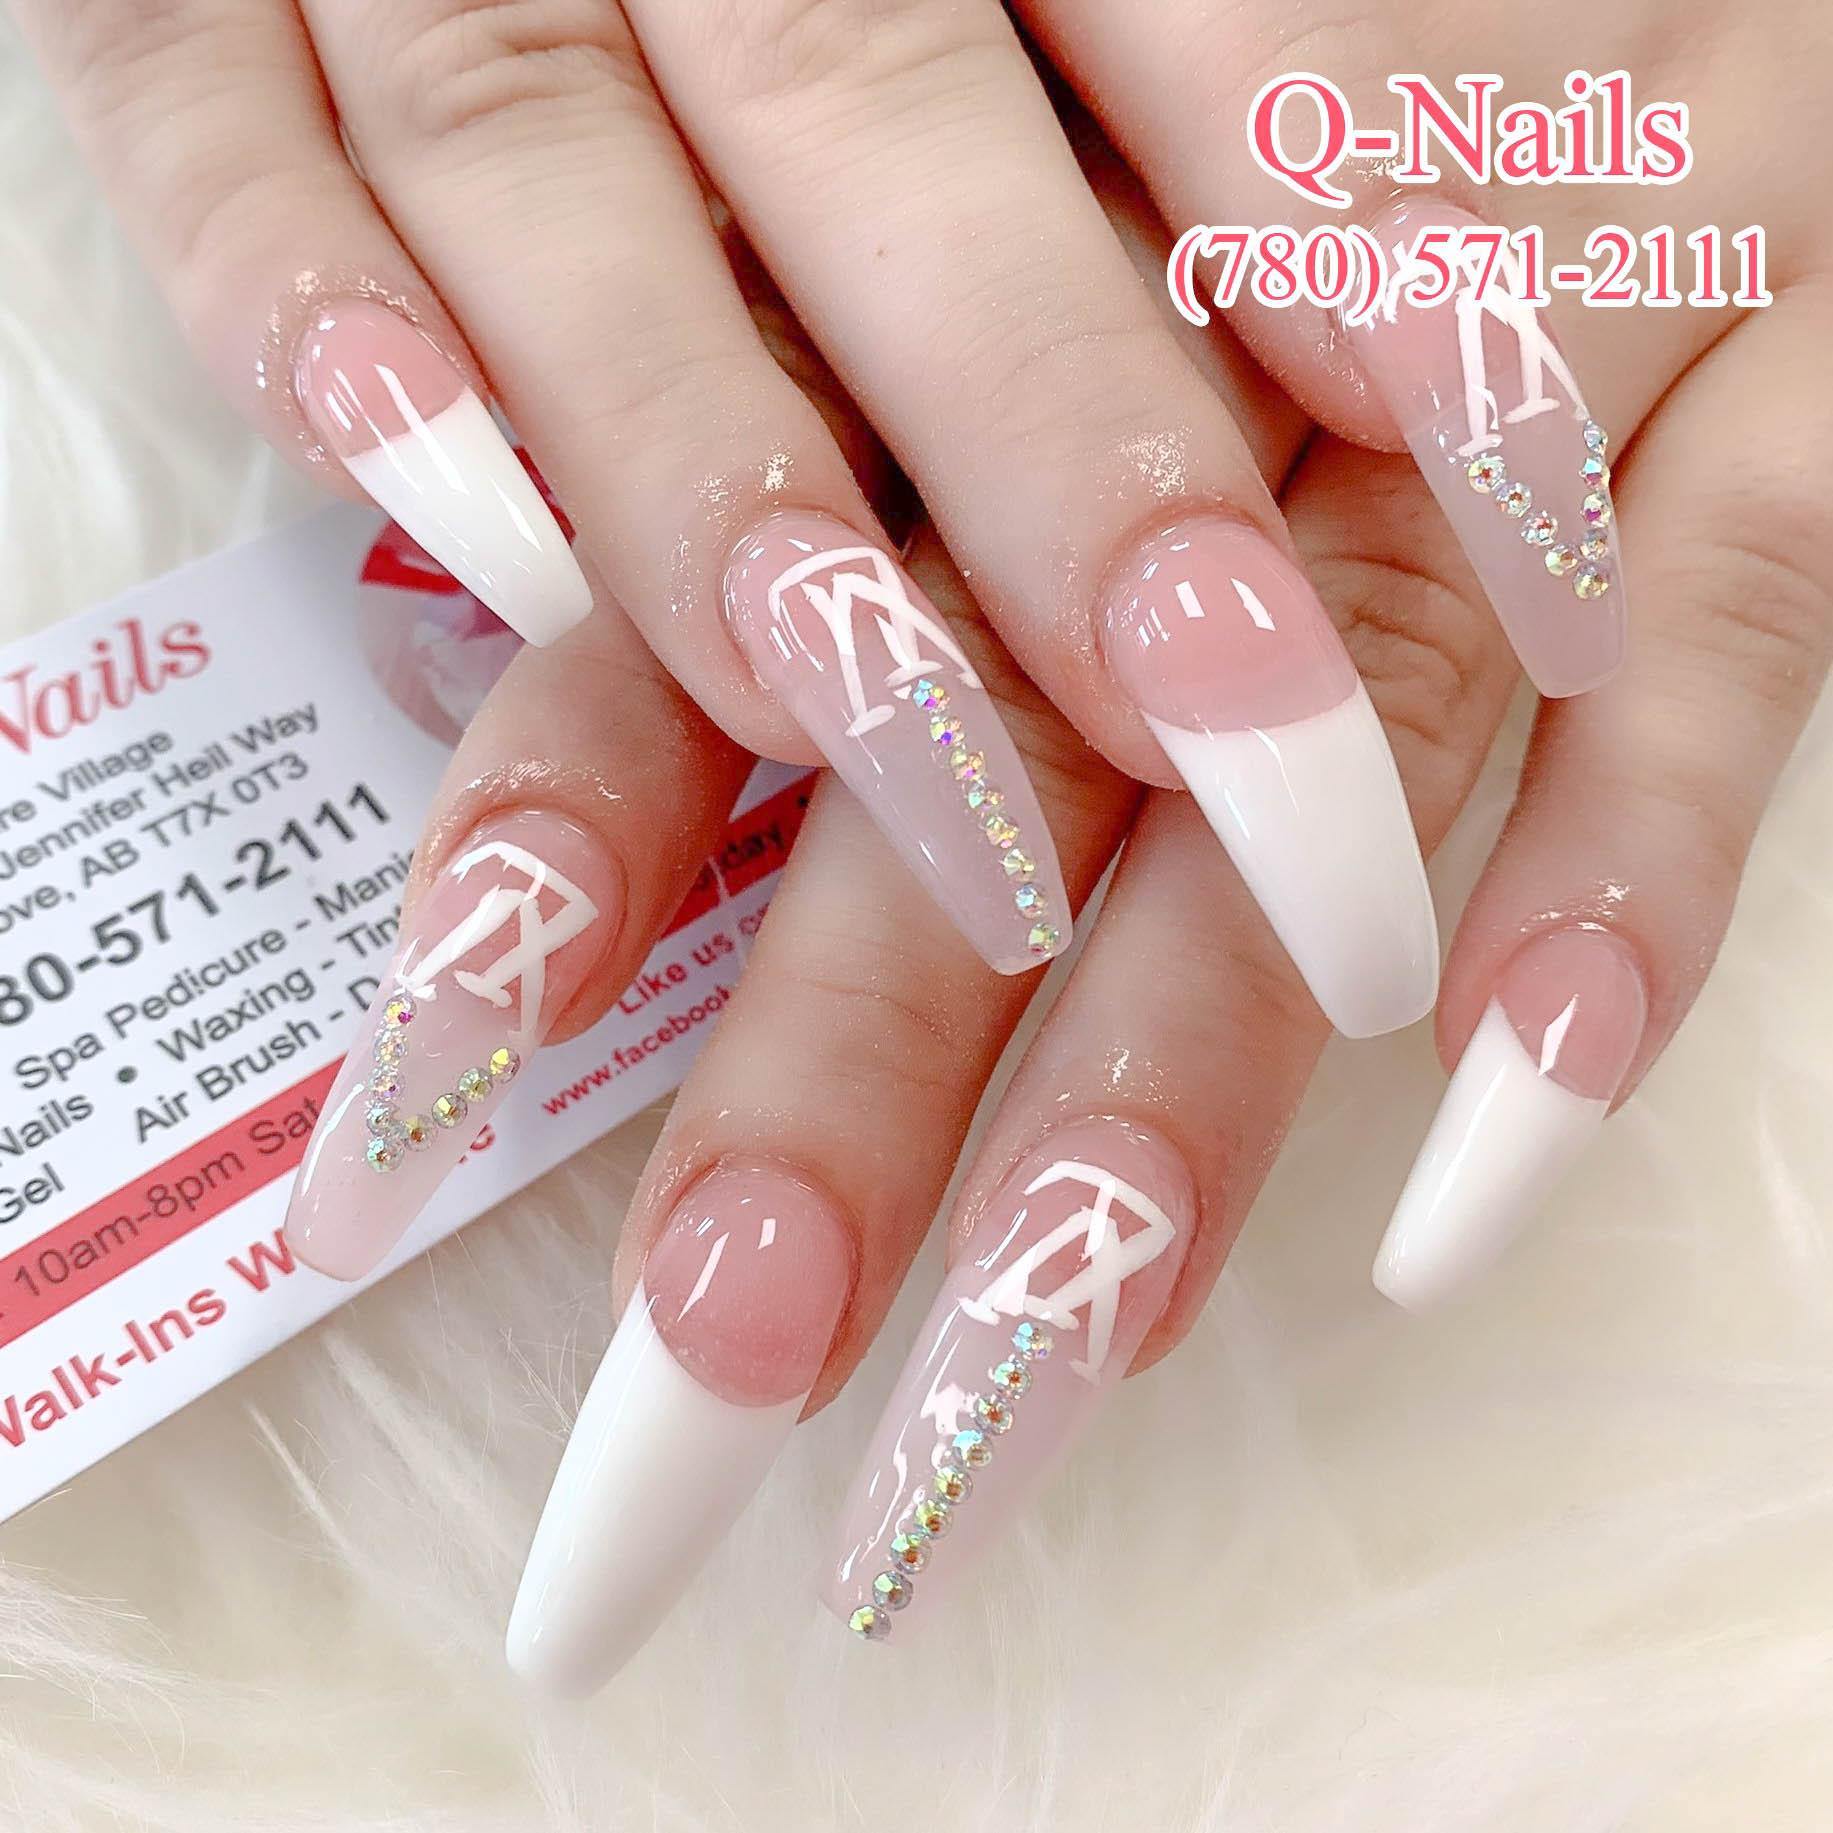 Q-Nails Tri Leisure Village   Nail salon T7X 0T3   Spruce Grove, AB